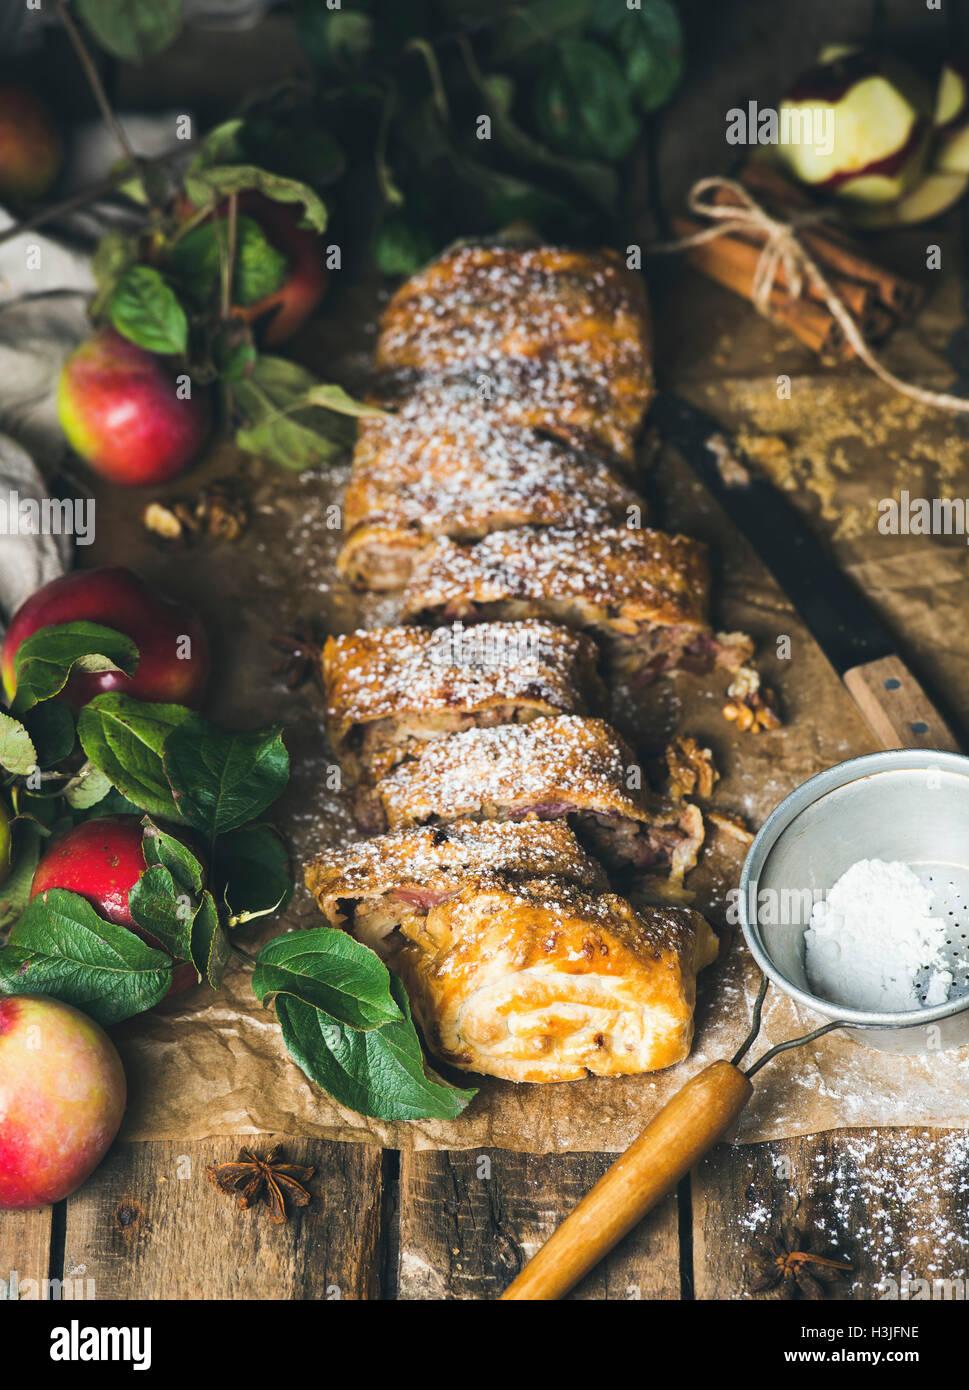 Strudel di mele torta con la cannella, lo zucchero in polvere e mele fresche sulla tavola in legno rustico sfondo, Immagini Stock